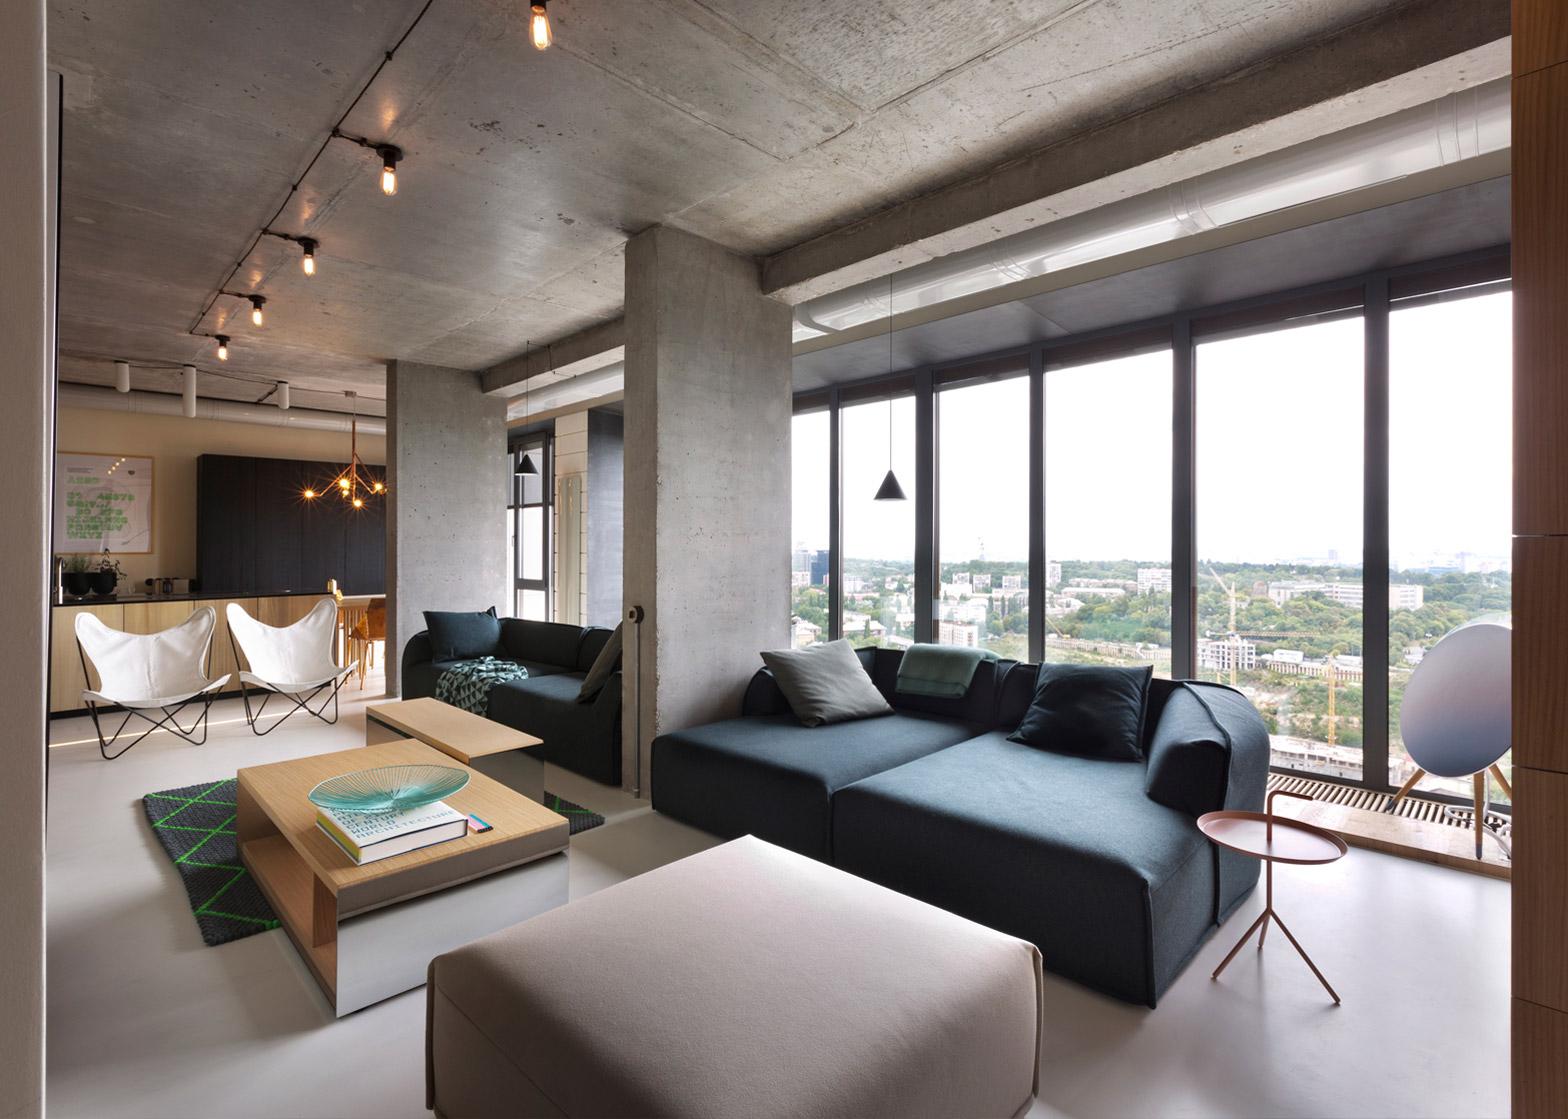 Бюджетный ремонт в однокомнатной квартире в индустриальном стиле